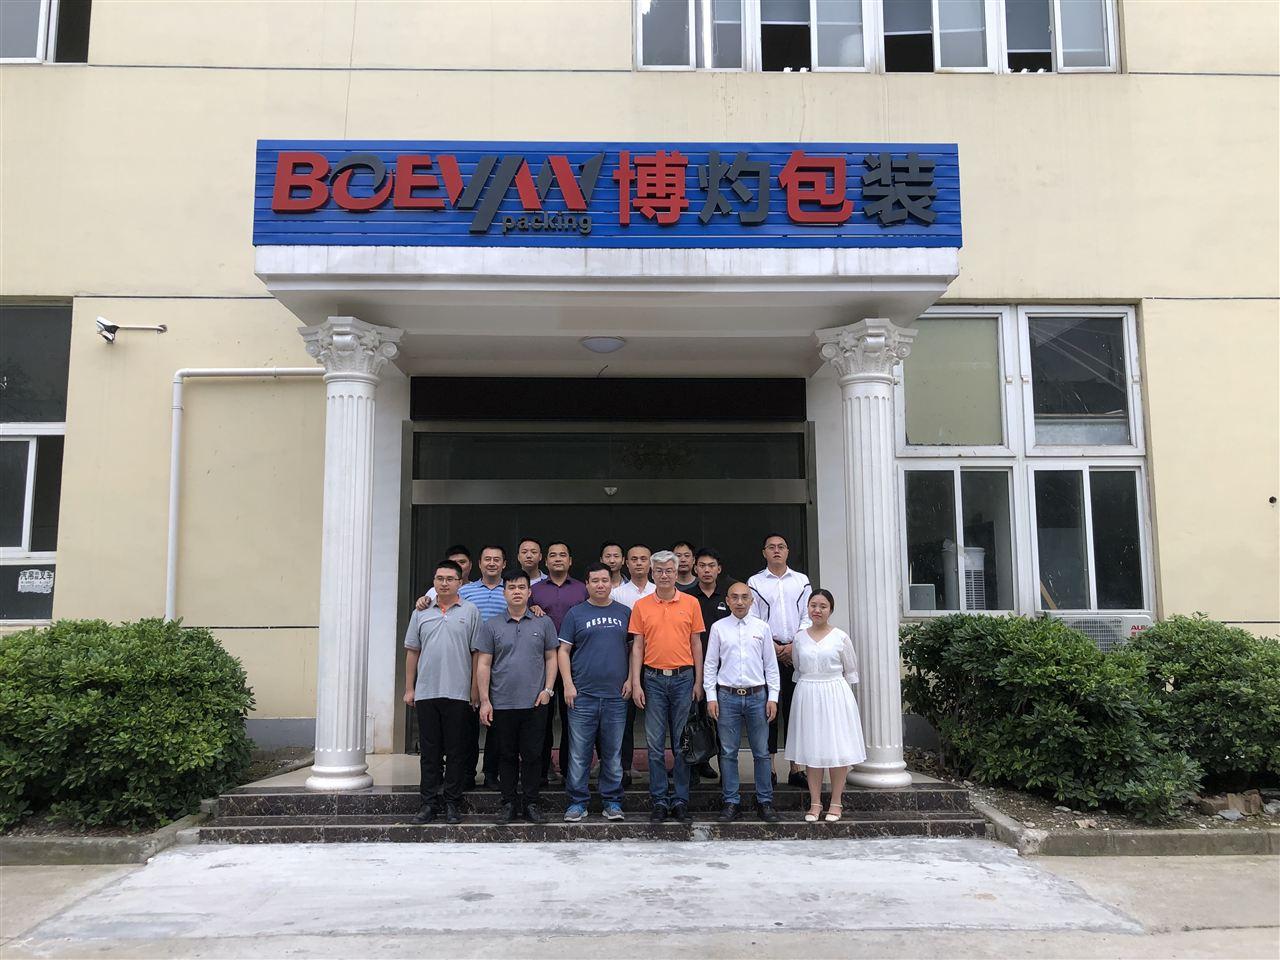 走訪上海博灼包裝機械有限公司